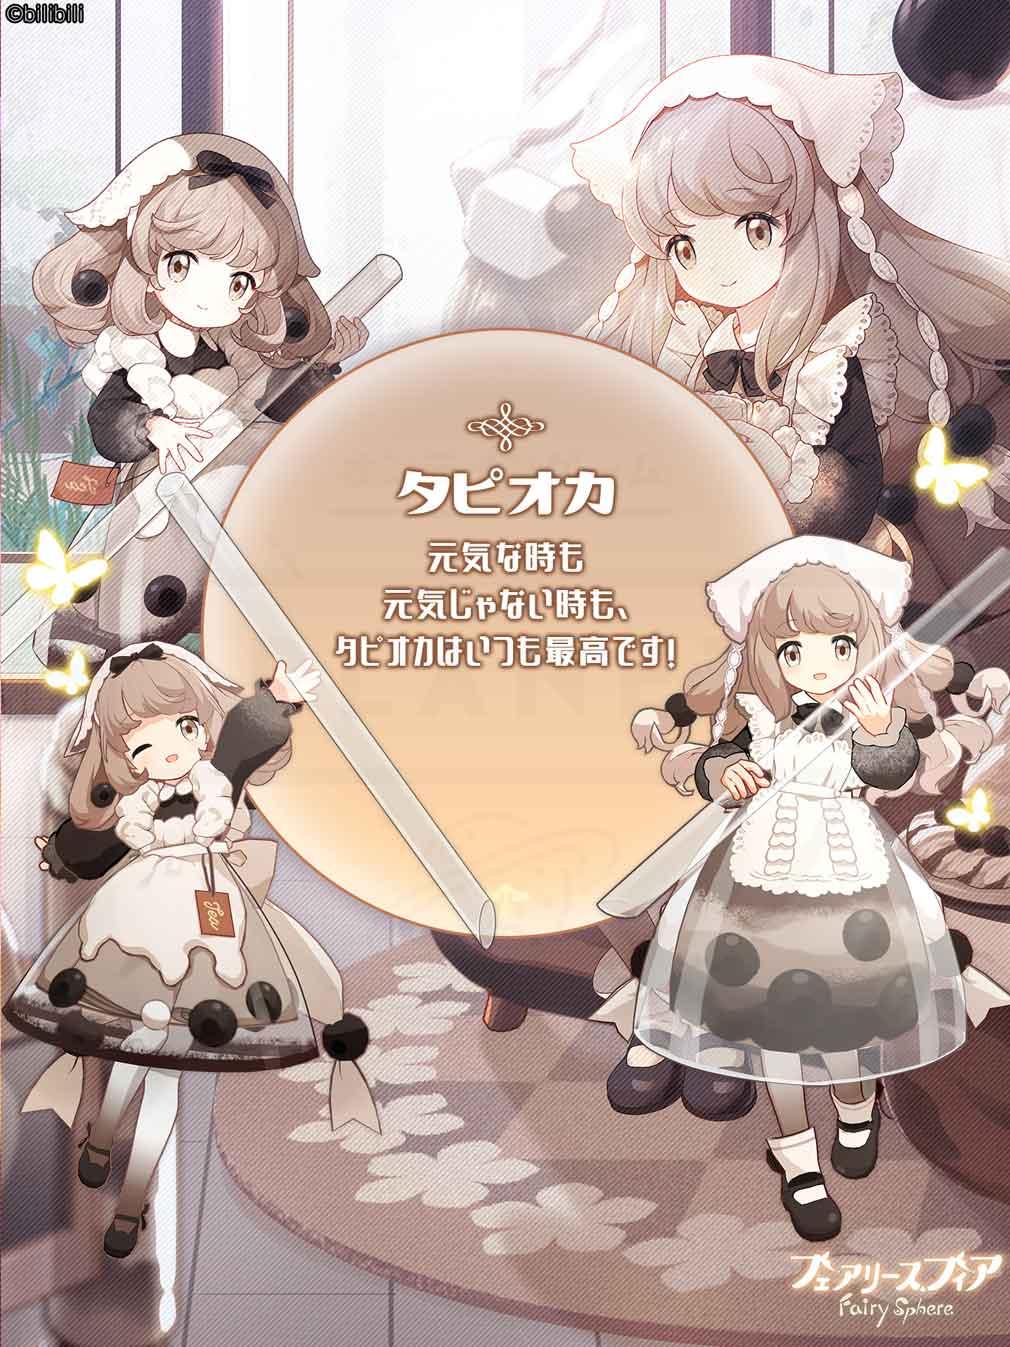 フェアリースフィア(フェアリス) 妖精キャラクター『タピオカ』紹介イメージ